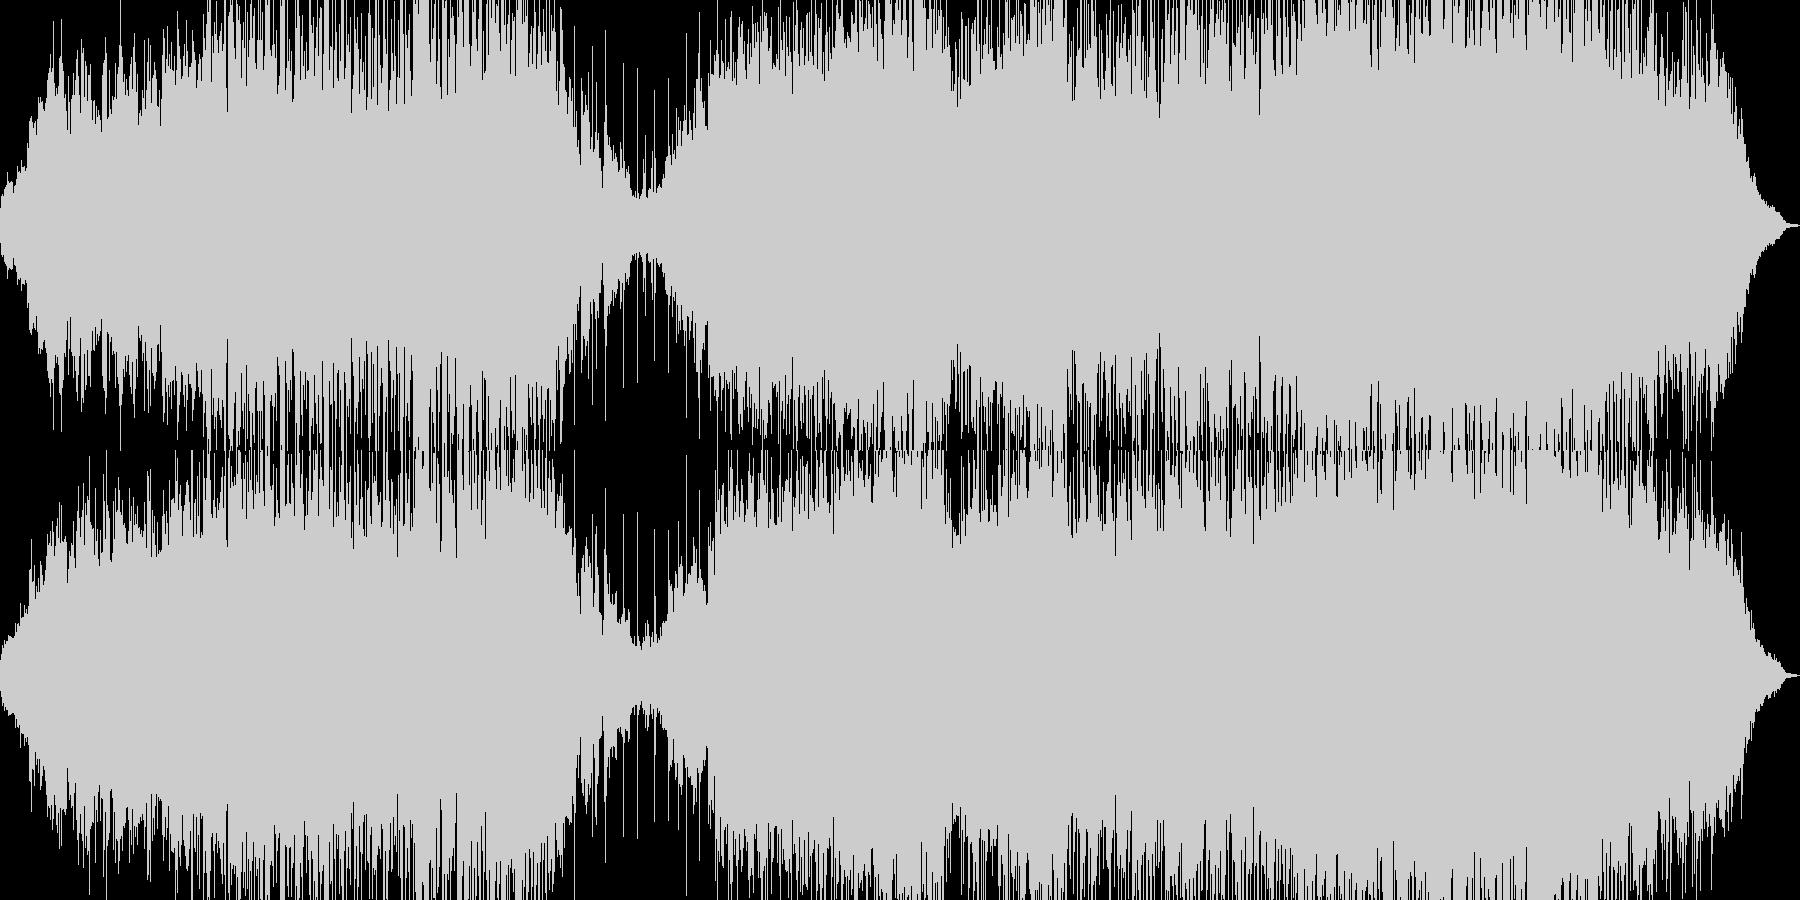 潮風、エメラルドの海、チルアウト系ハウスの未再生の波形